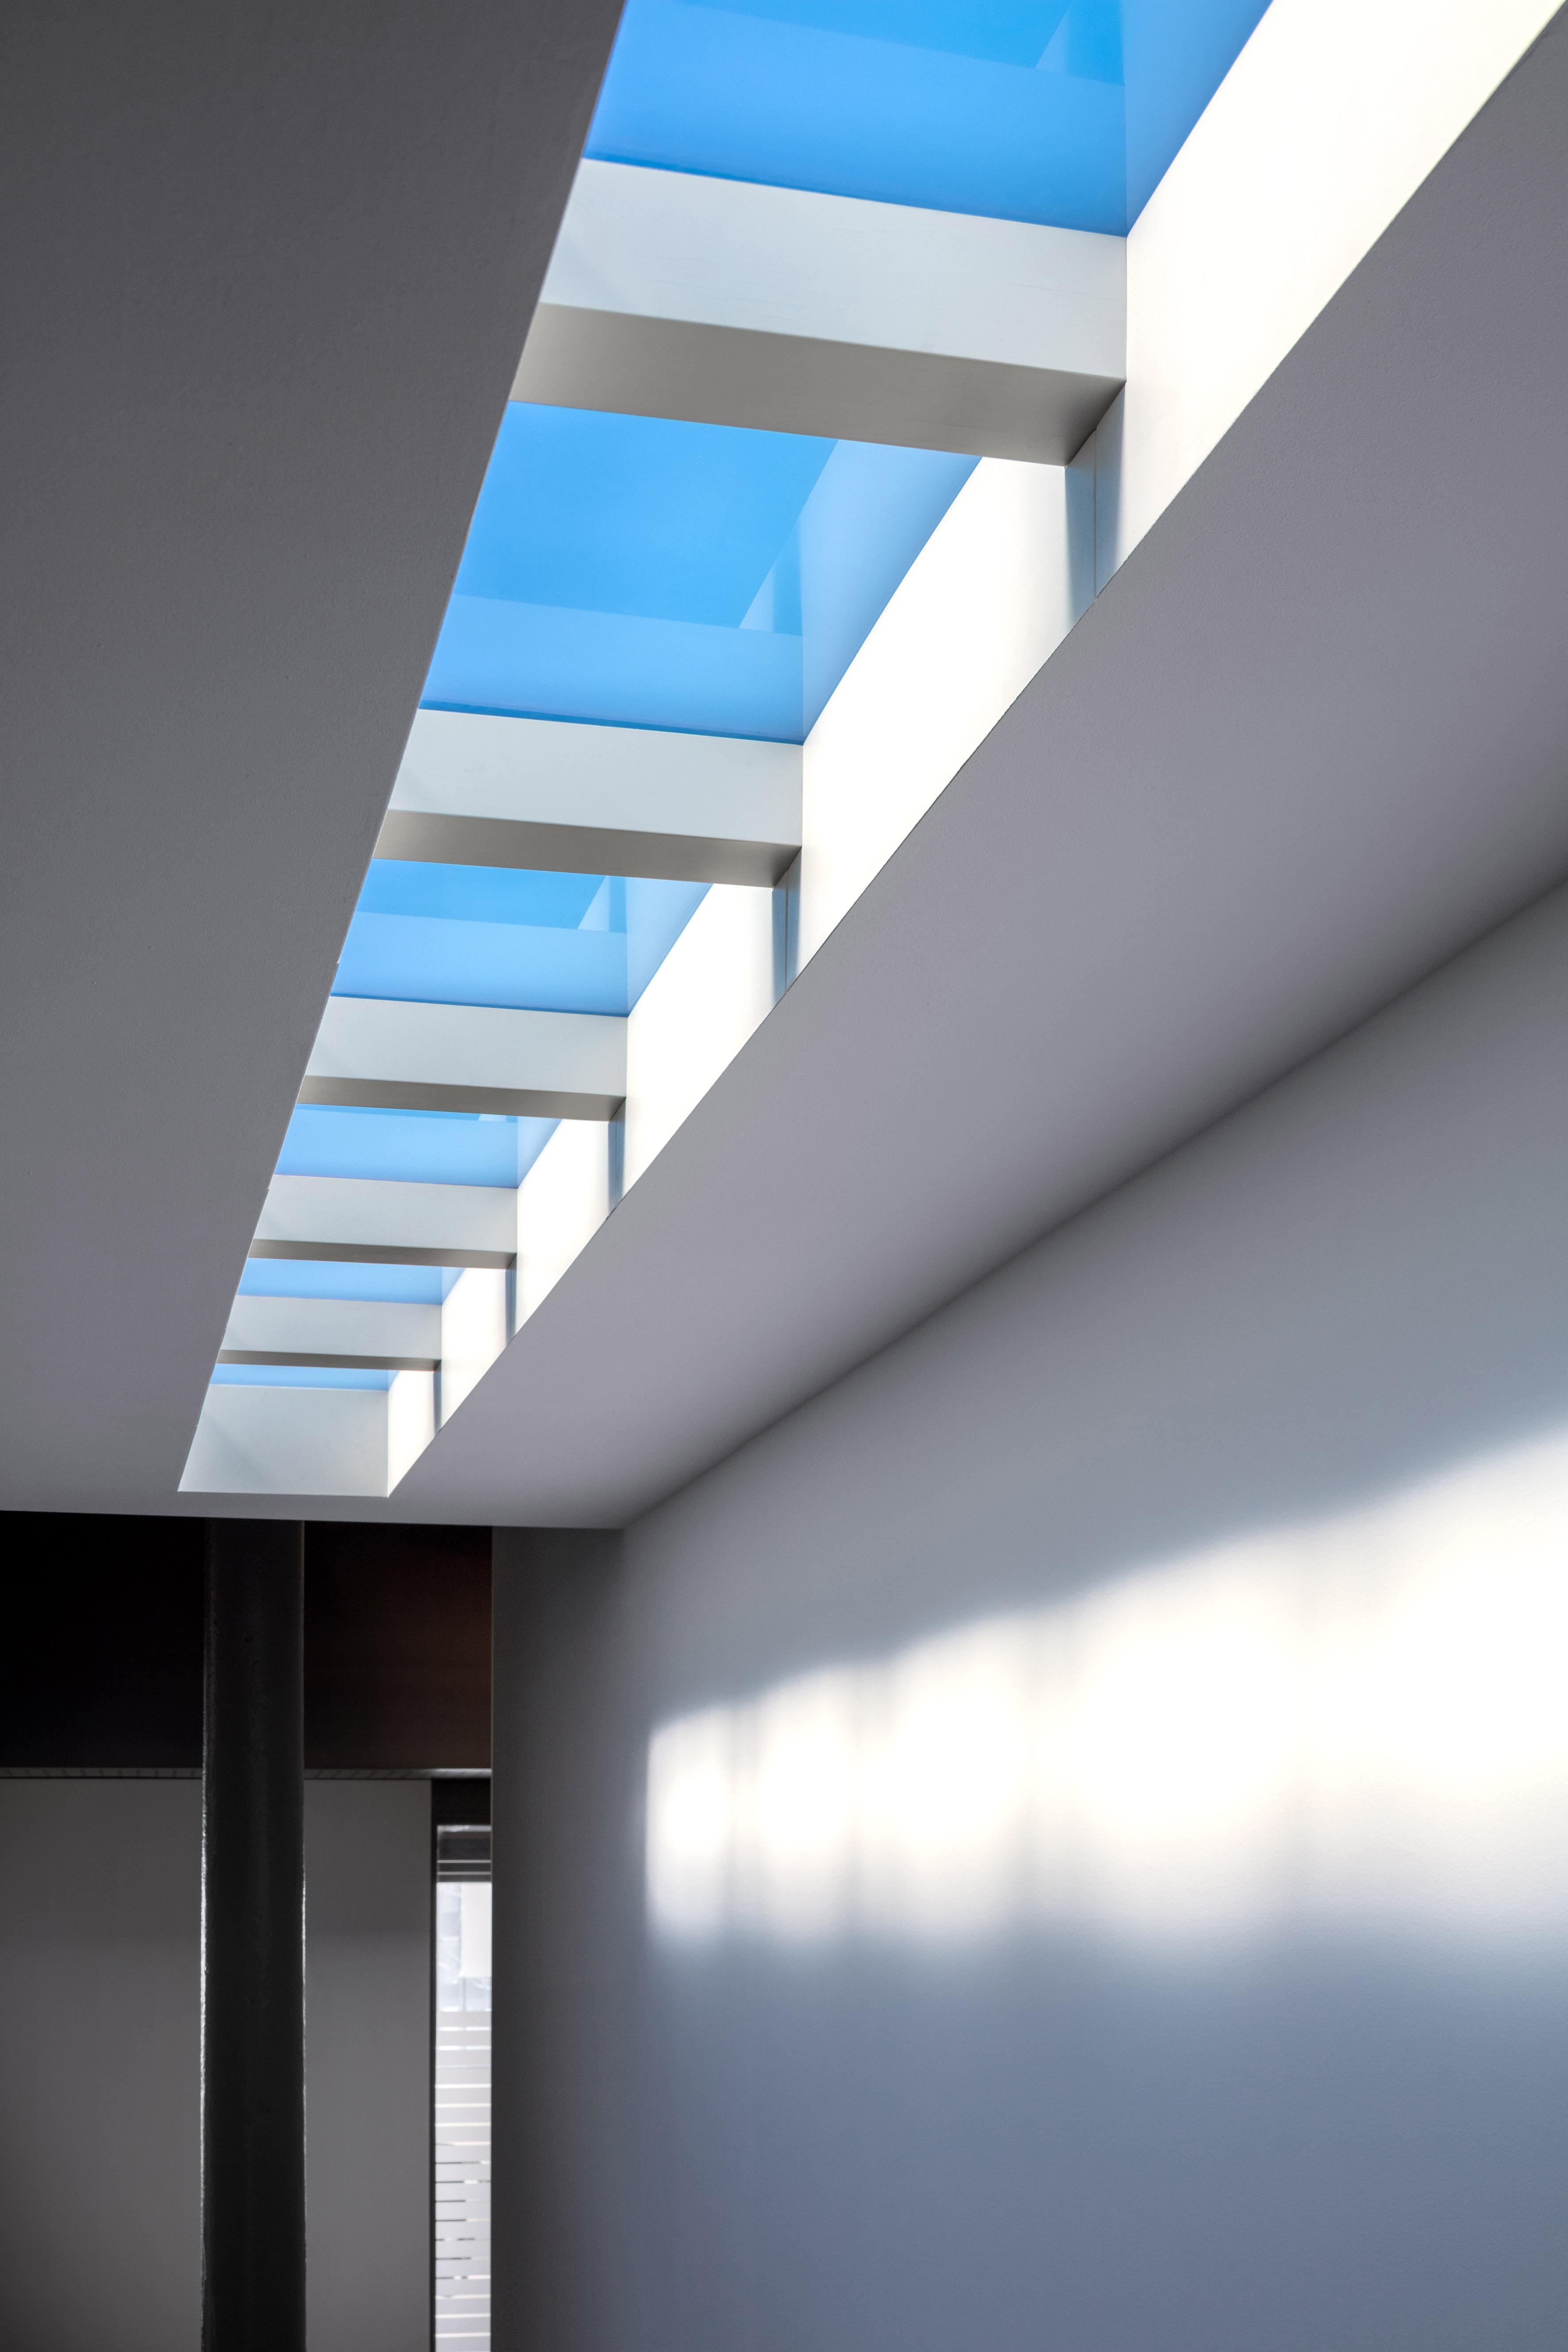 Tunnel Solare A Parete come illuminare una stanza senza finestre - cose di casa